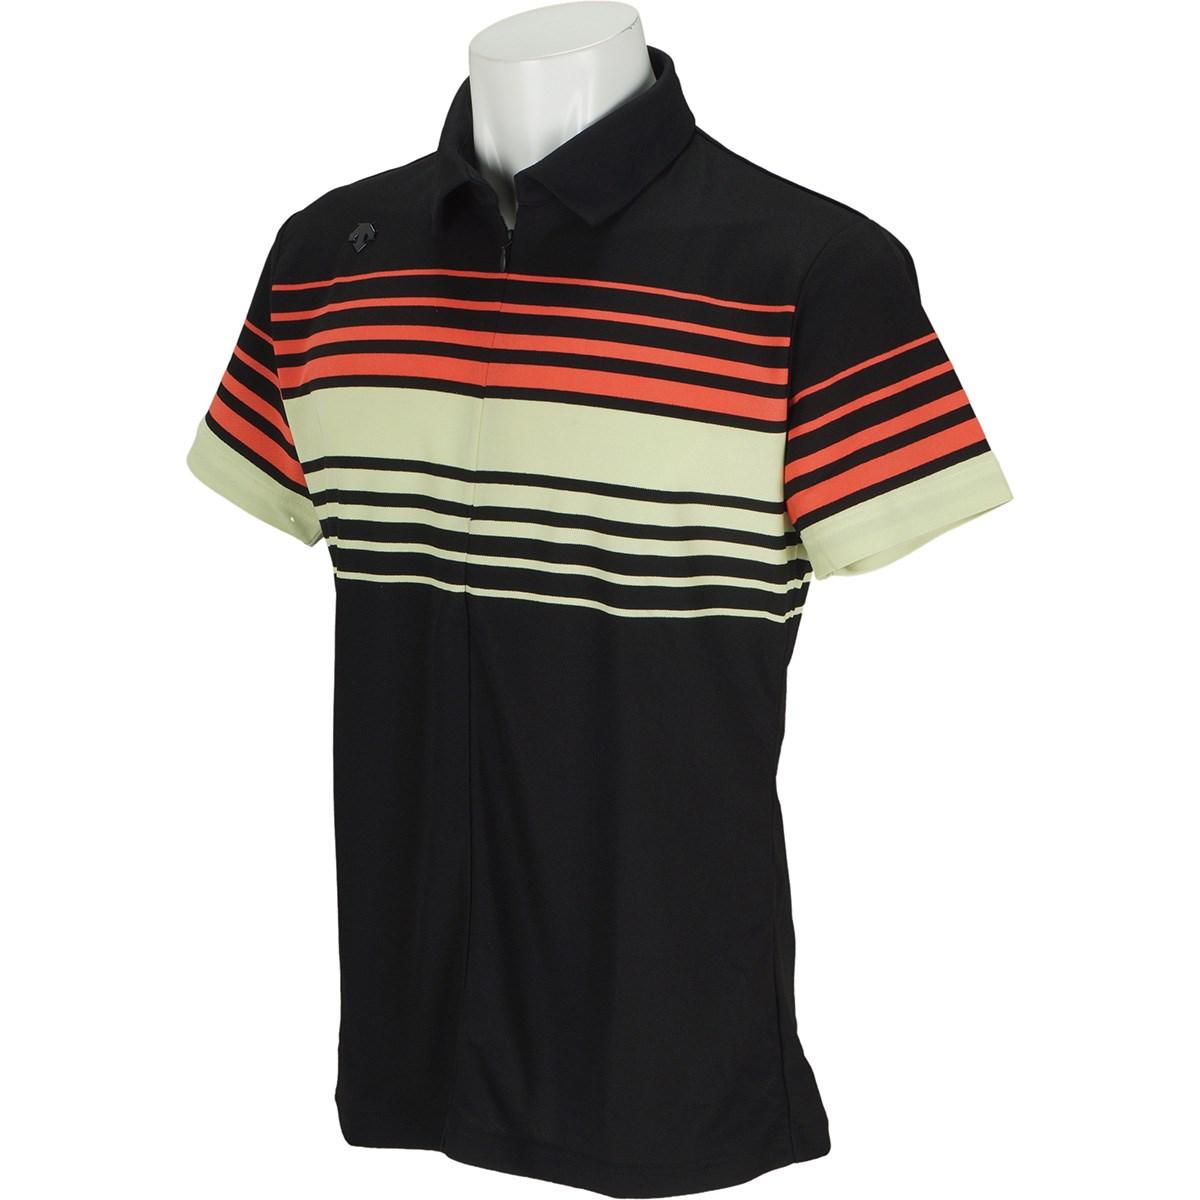 デサントゴルフ(DESCENTE GOLF) パネルボーダープリント 半袖ポロシャツ